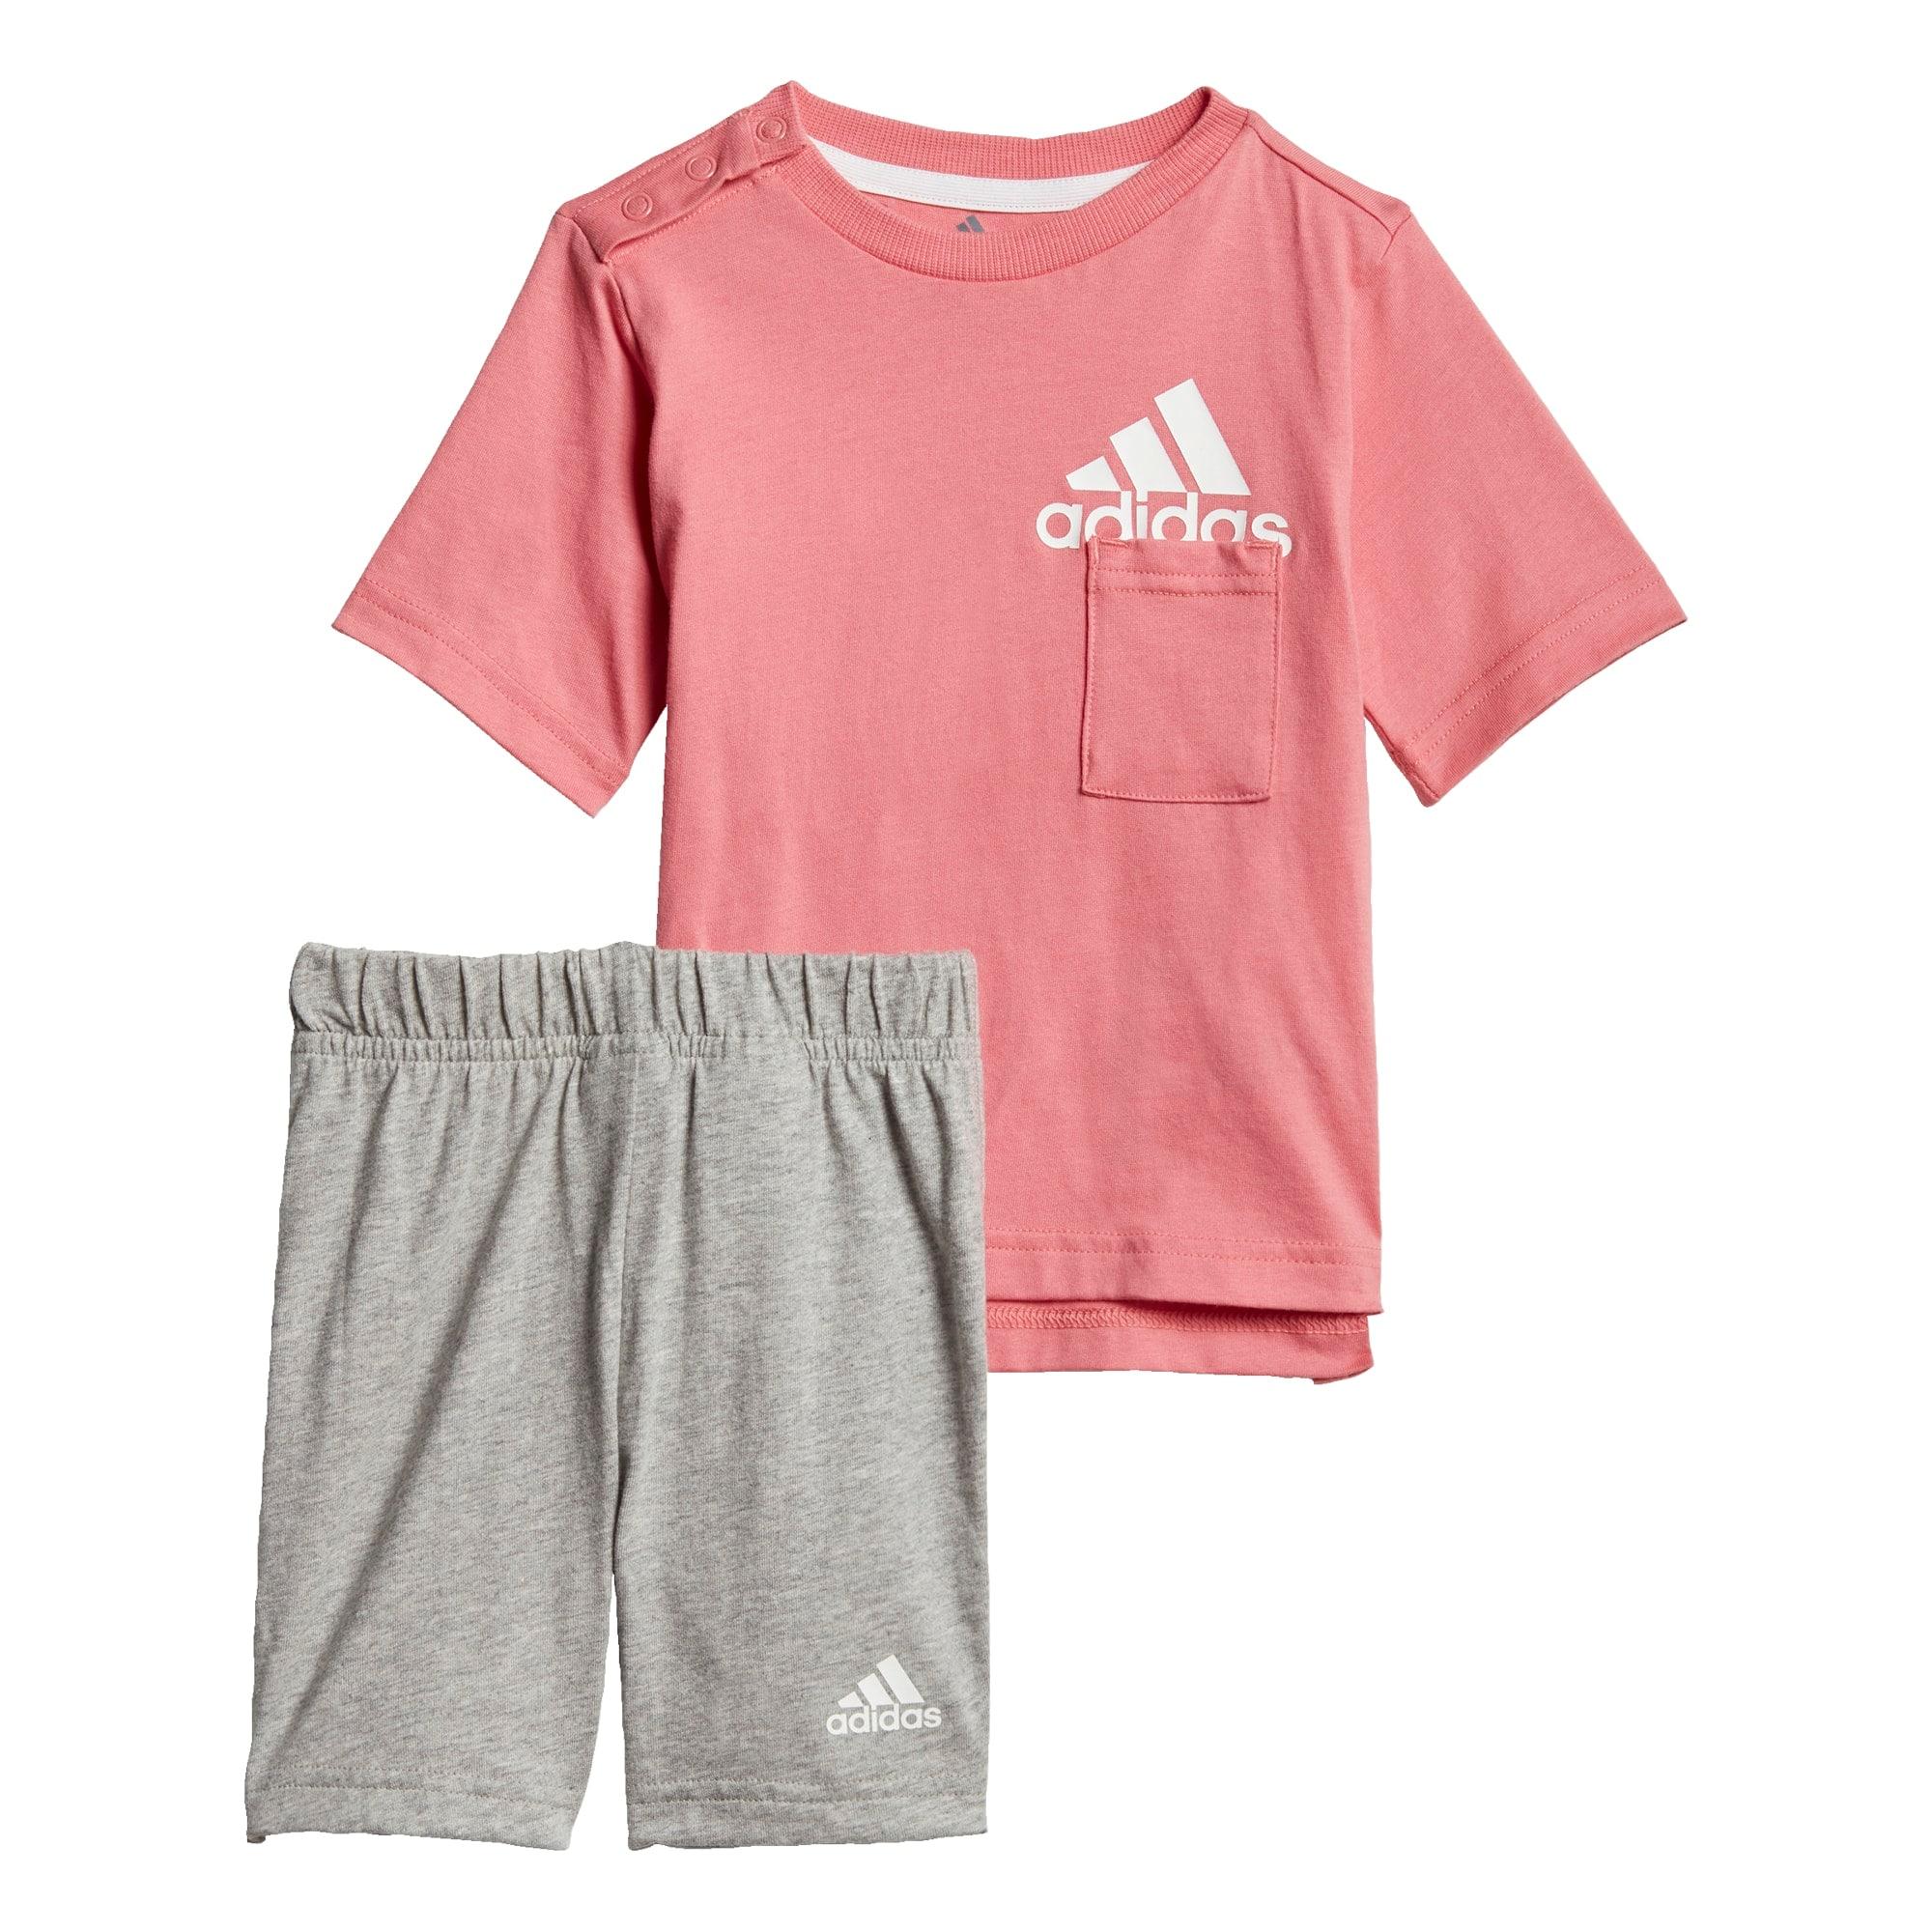 ADIDAS PERFORMANCE Treniruočių kostiumas ryškiai rožinė spalva / margai pilka / balta